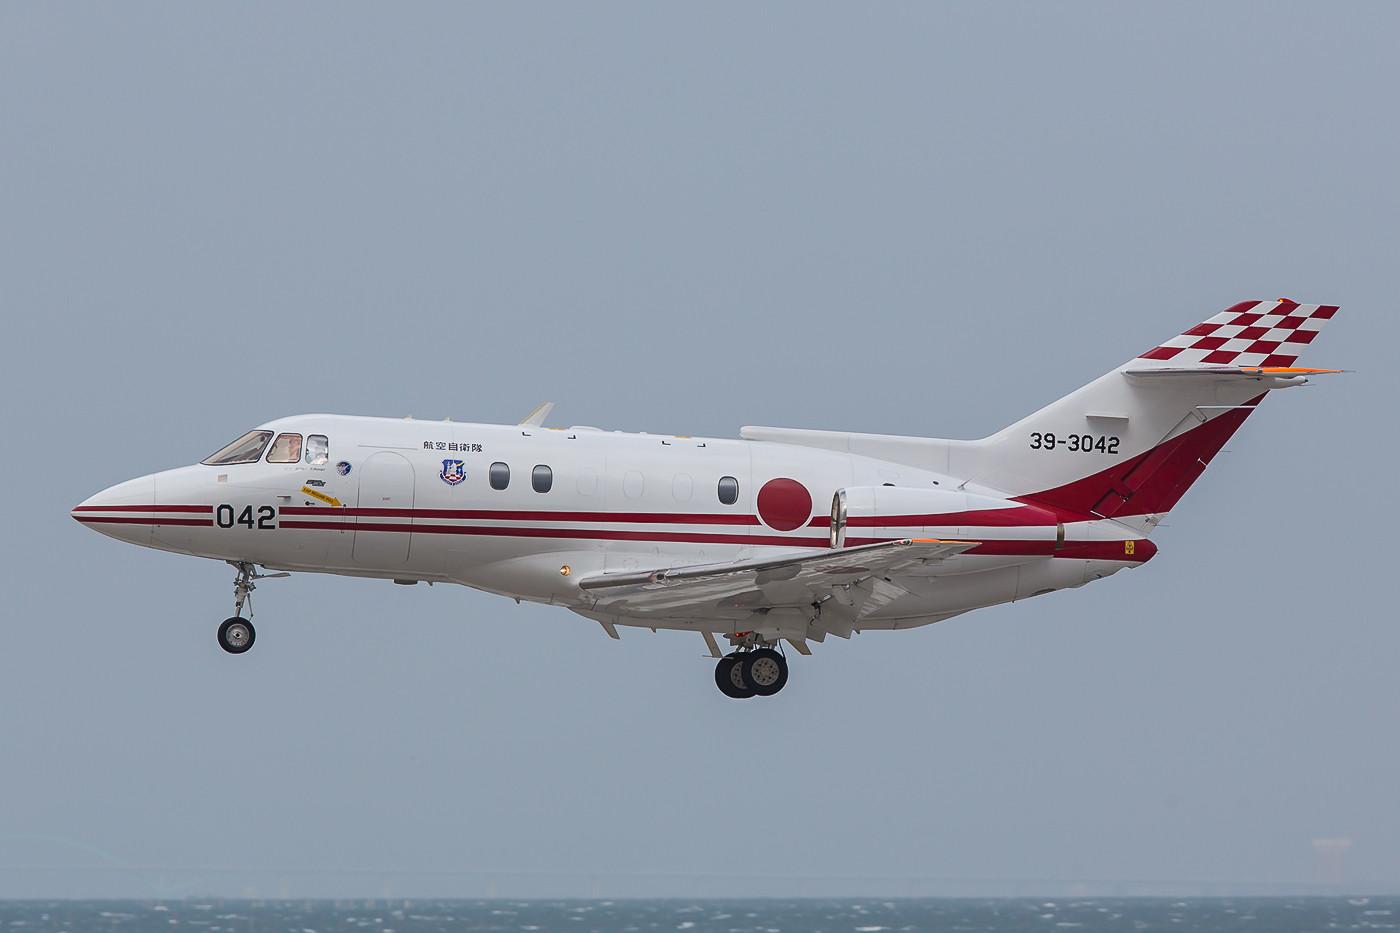 Eine U-125 aus Iruma bei Tokyo.